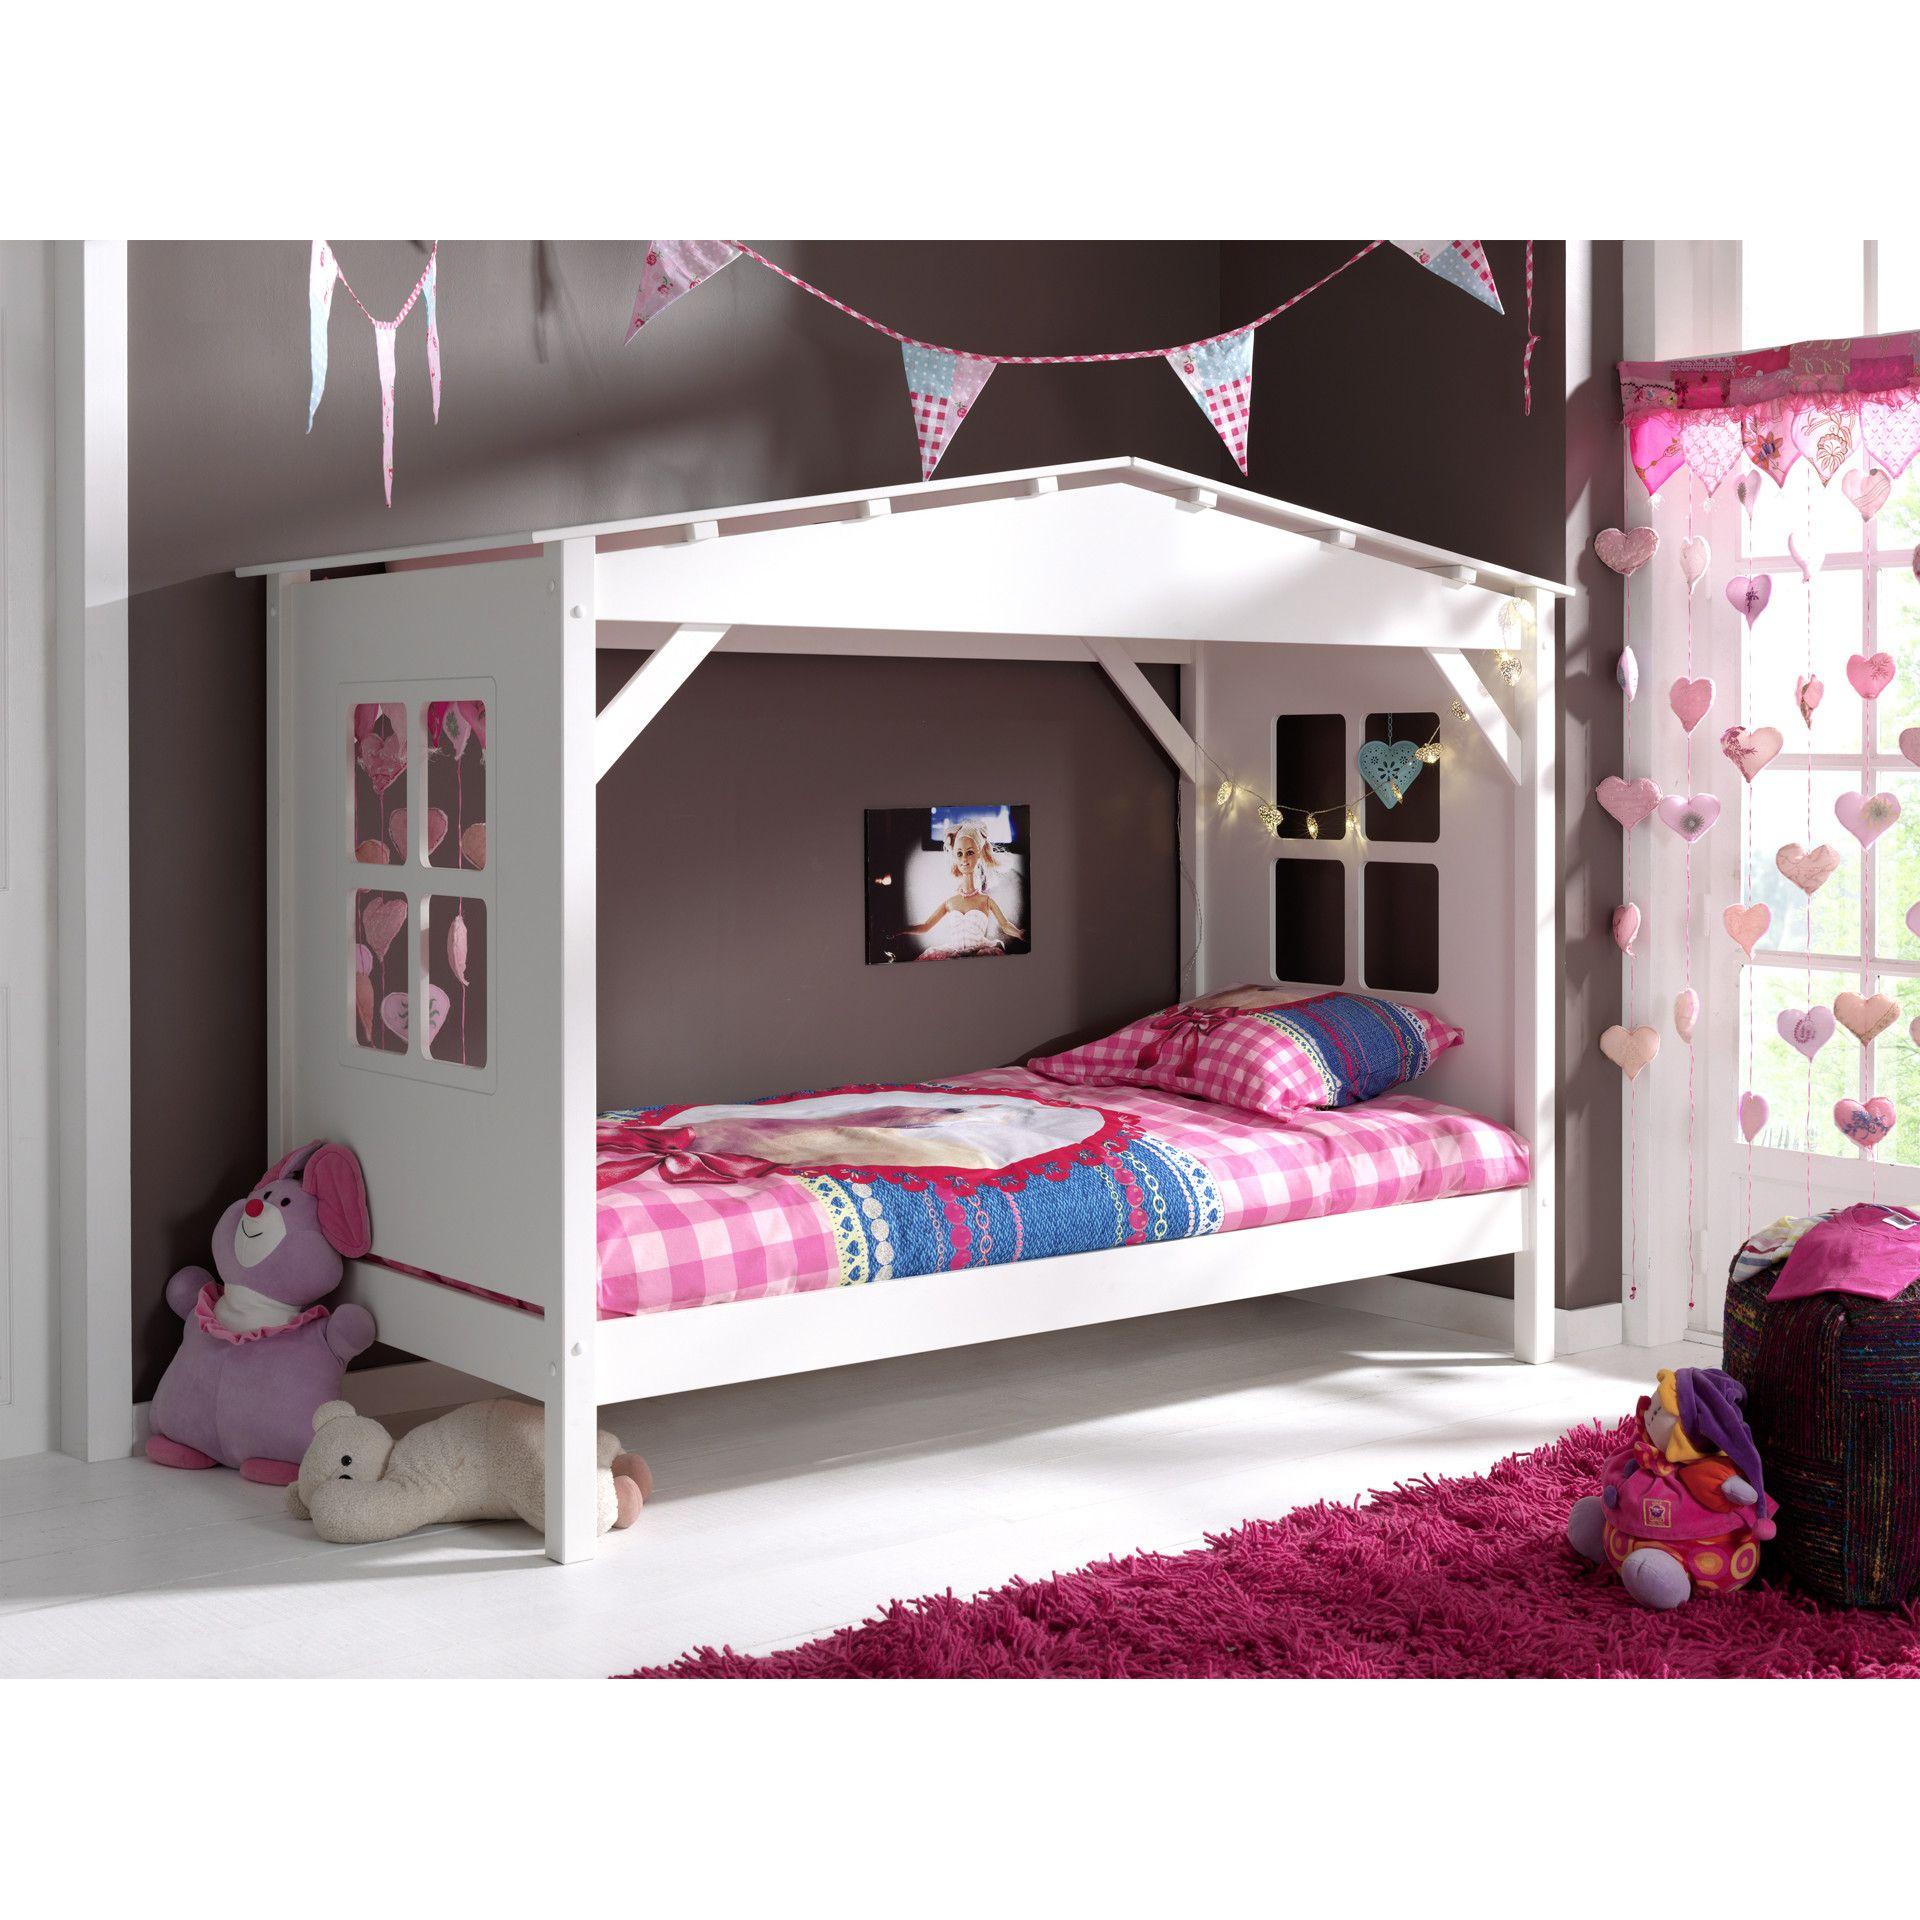 Spielbett Edwards, 90 x 200 cm Betten für kinder, Bett